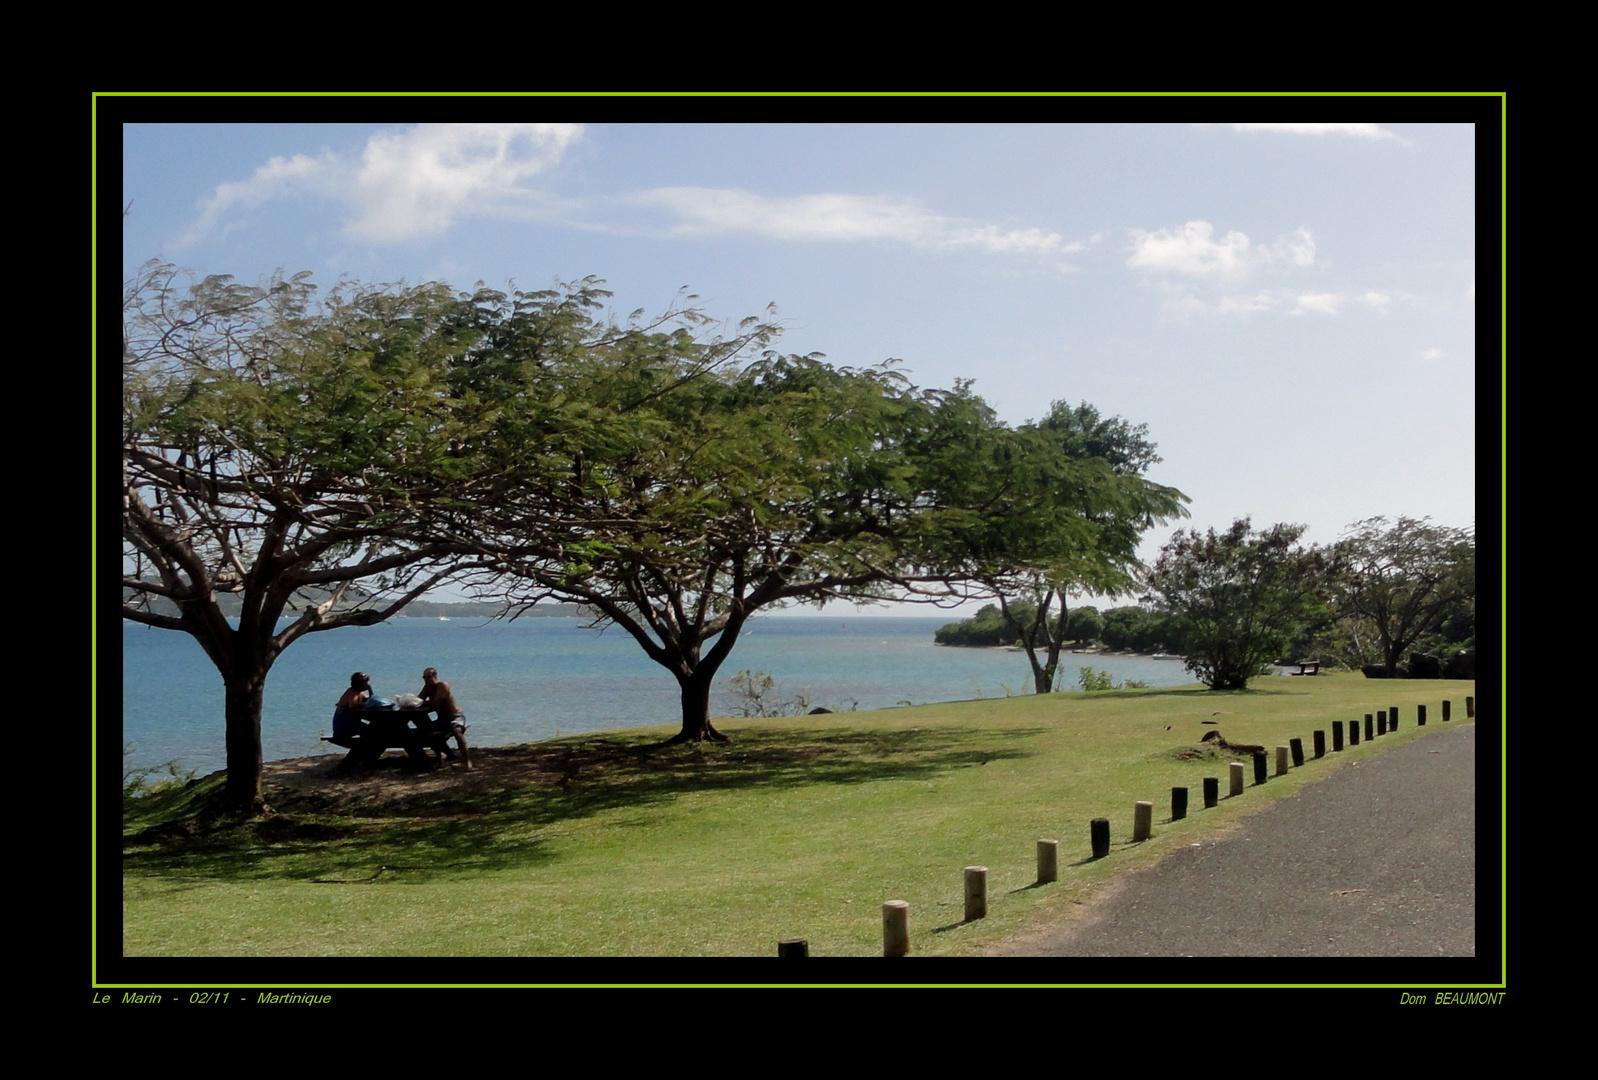 Le Marin - 02/11 - Martinique